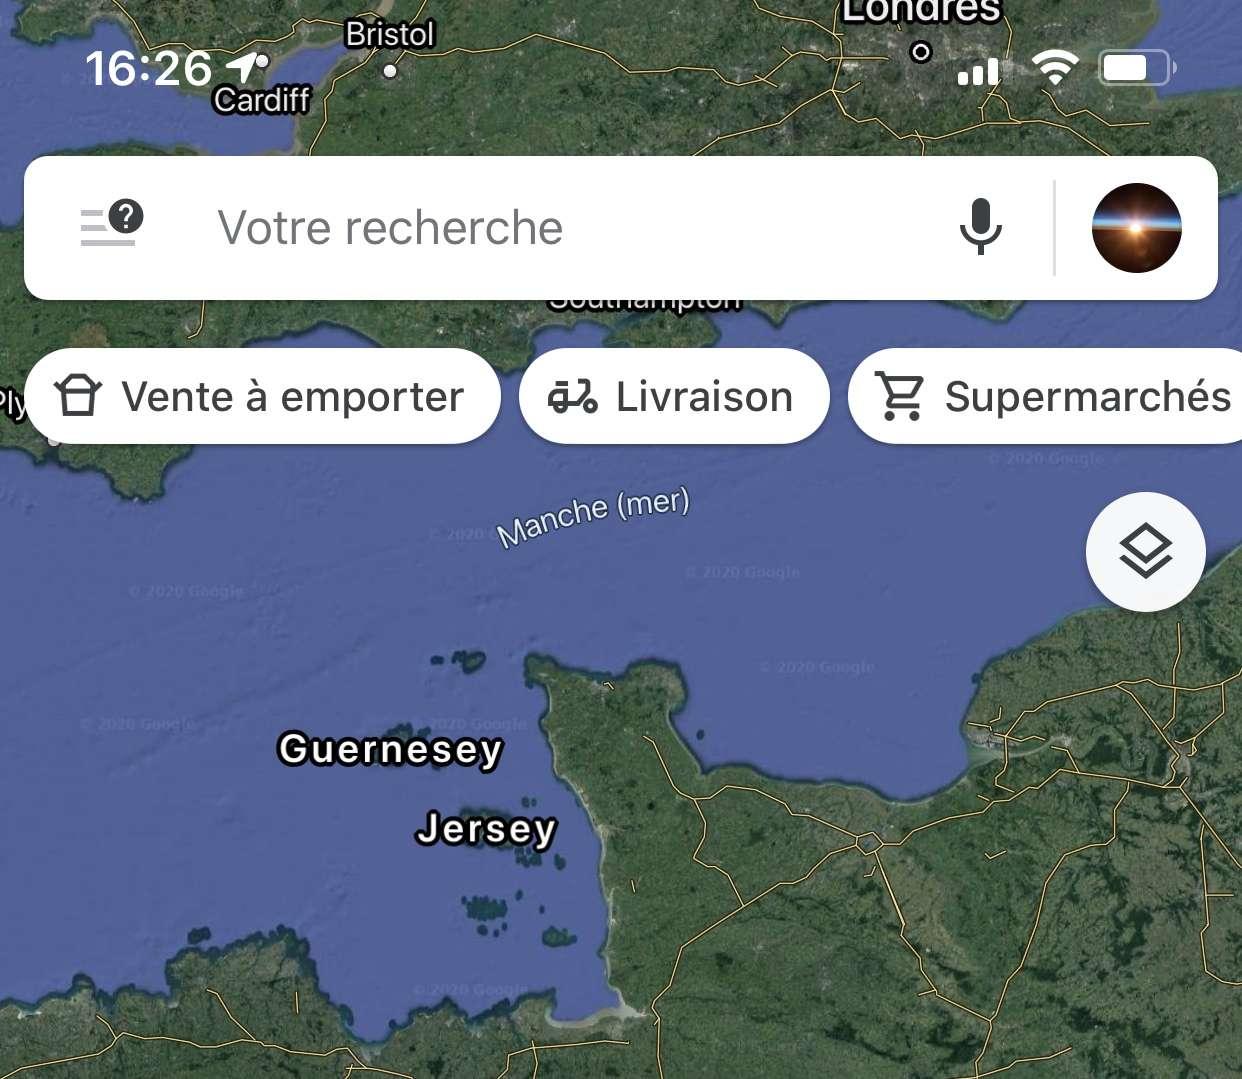 Google Maps propose de localiser en un clin d'oeil les restaurants proposant de la vente à emporter ou même la livraison à domicile. © Google Maps